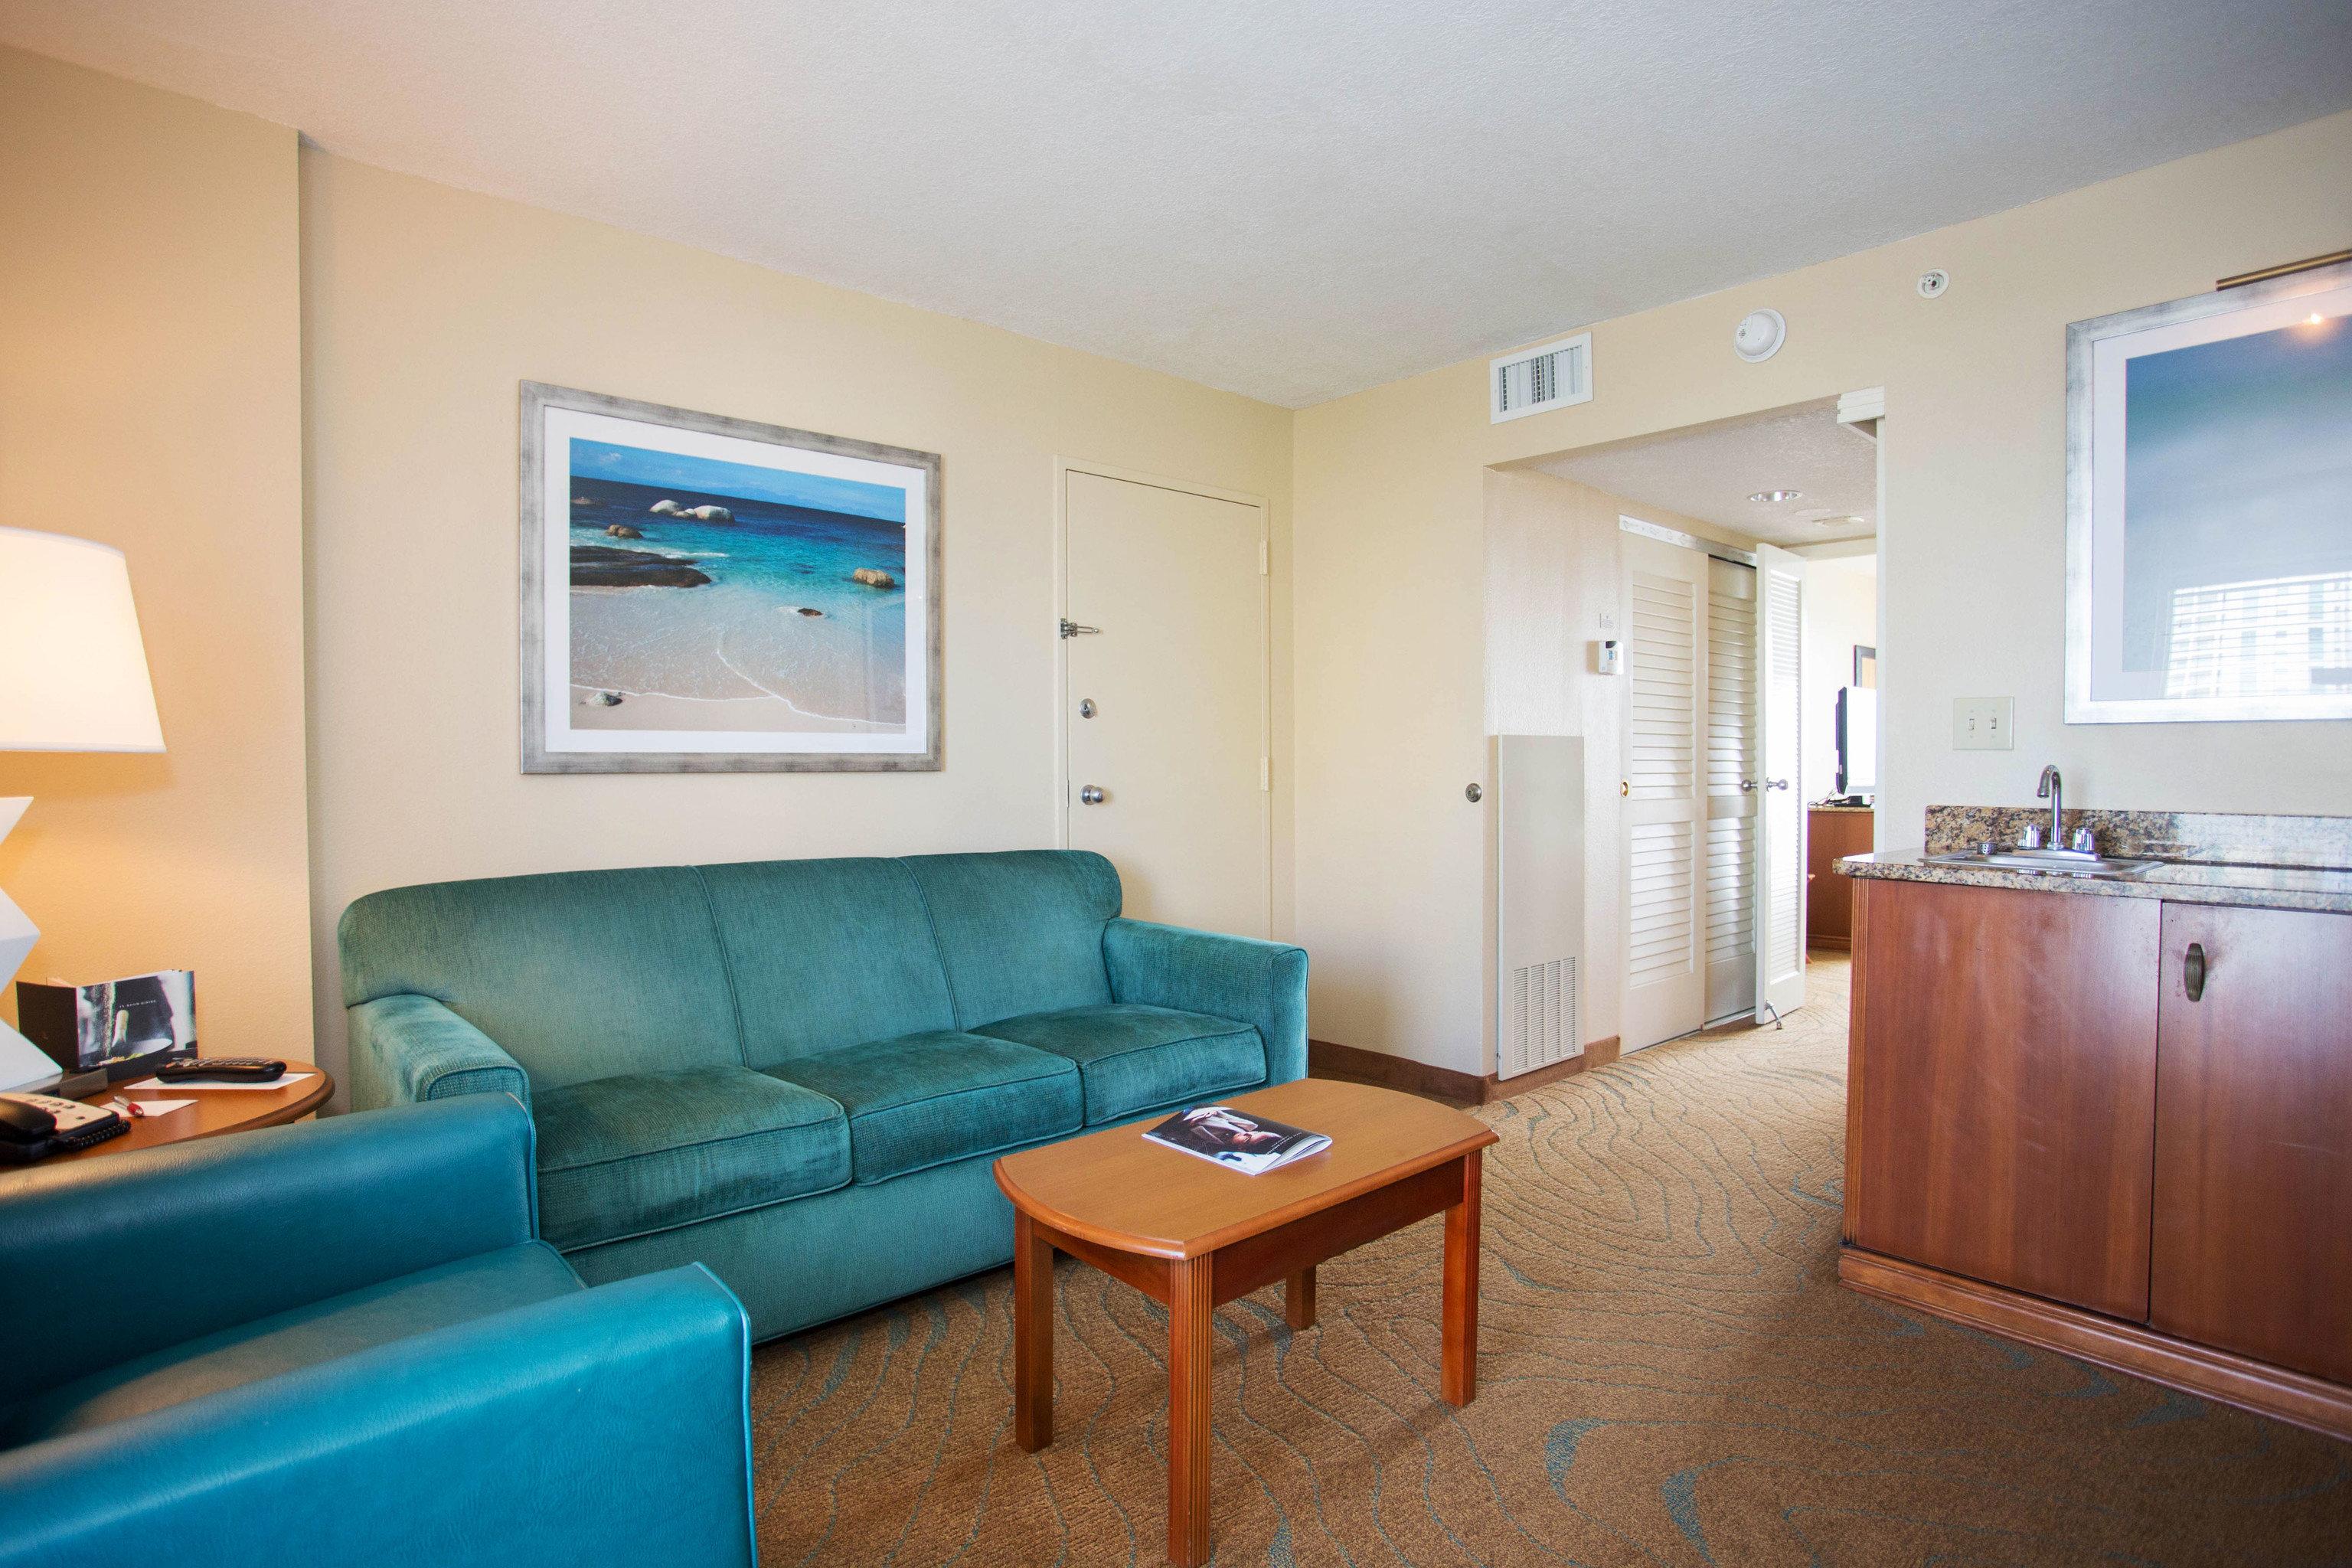 sofa property Suite condominium cottage living room